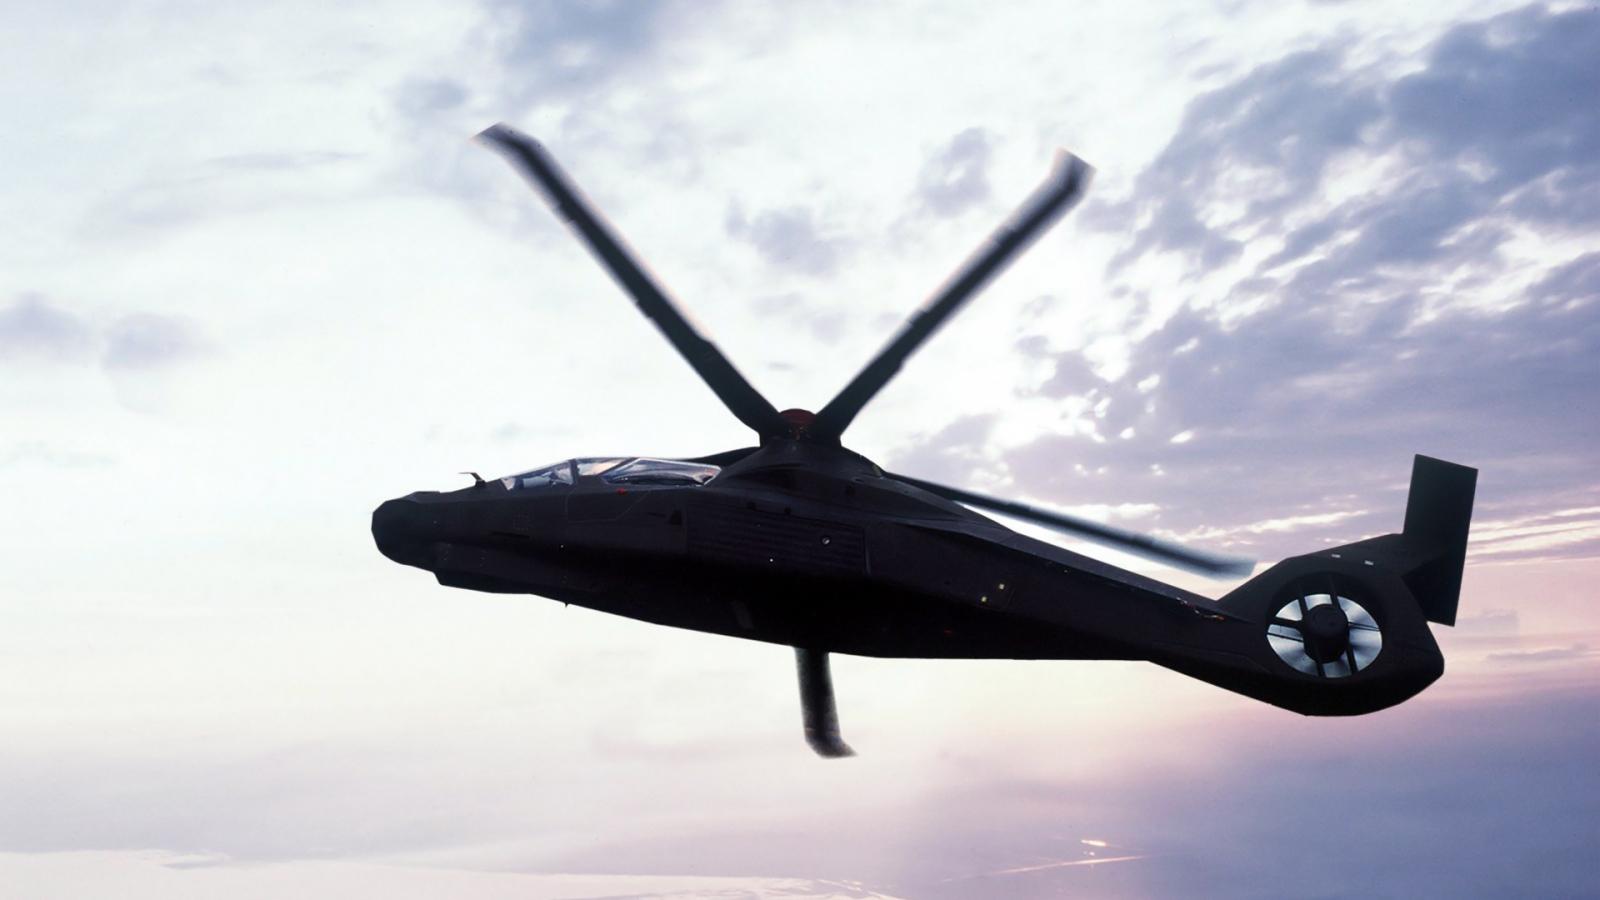 RAH-66 Comanche - 1600x900